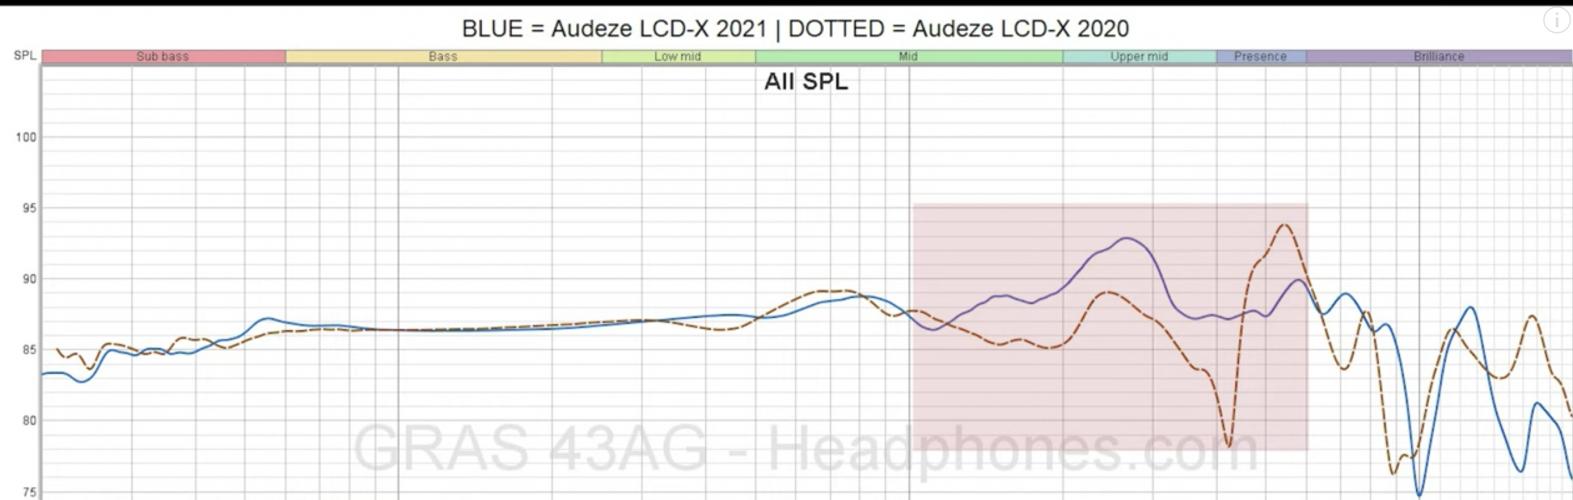 Audeze LCD-X 2020:21.png